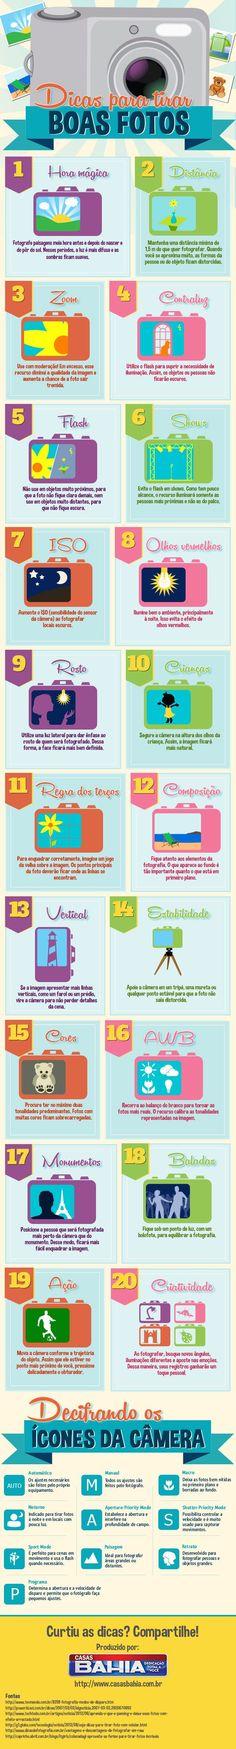 20 dicas para tirar fotos legais - Assuntos Criativos